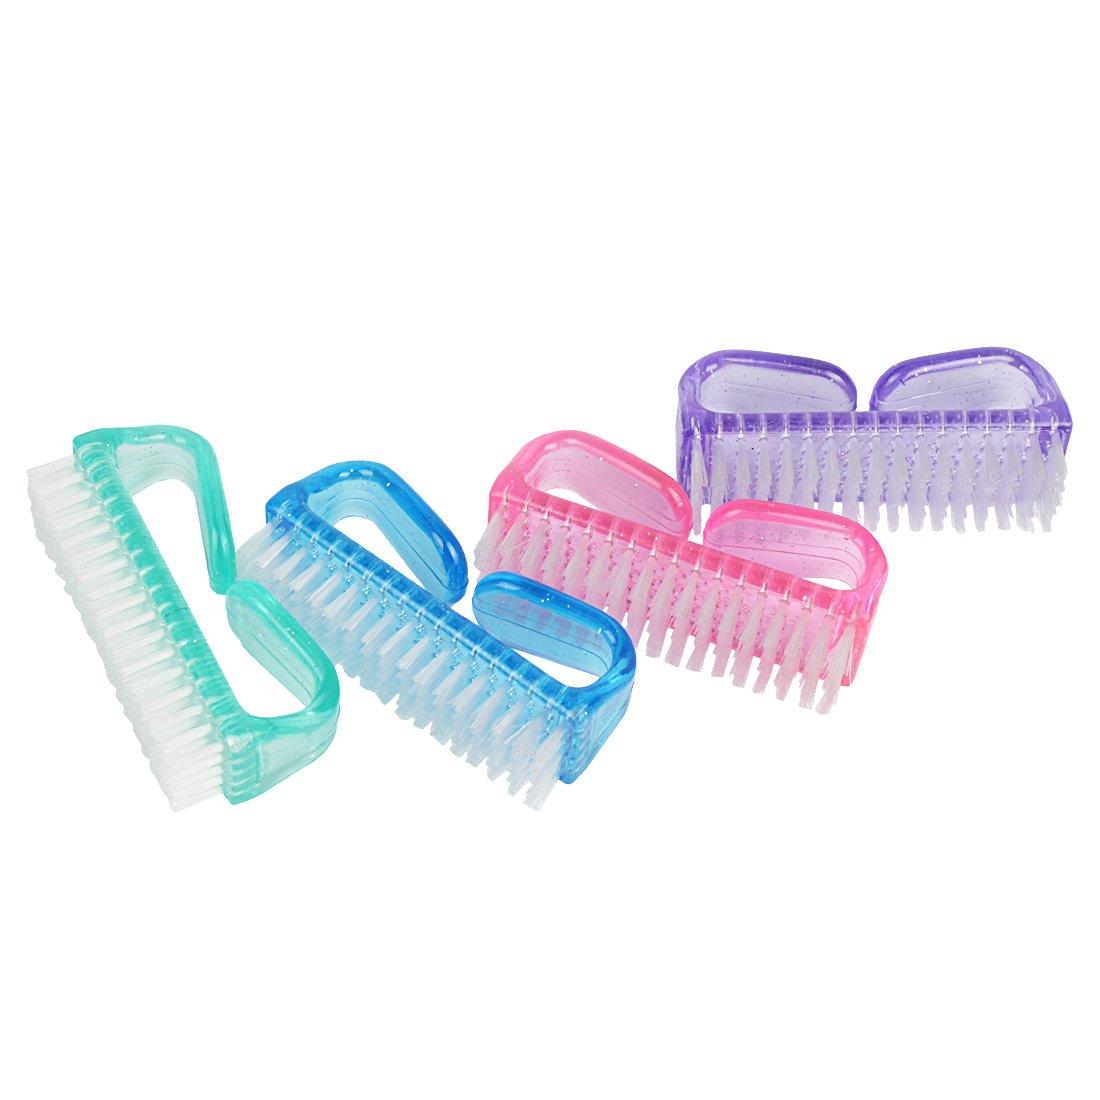 4 piezas Andux Zone Clavo de limpieza de mano de limpieza de mano cepillo MJS-02